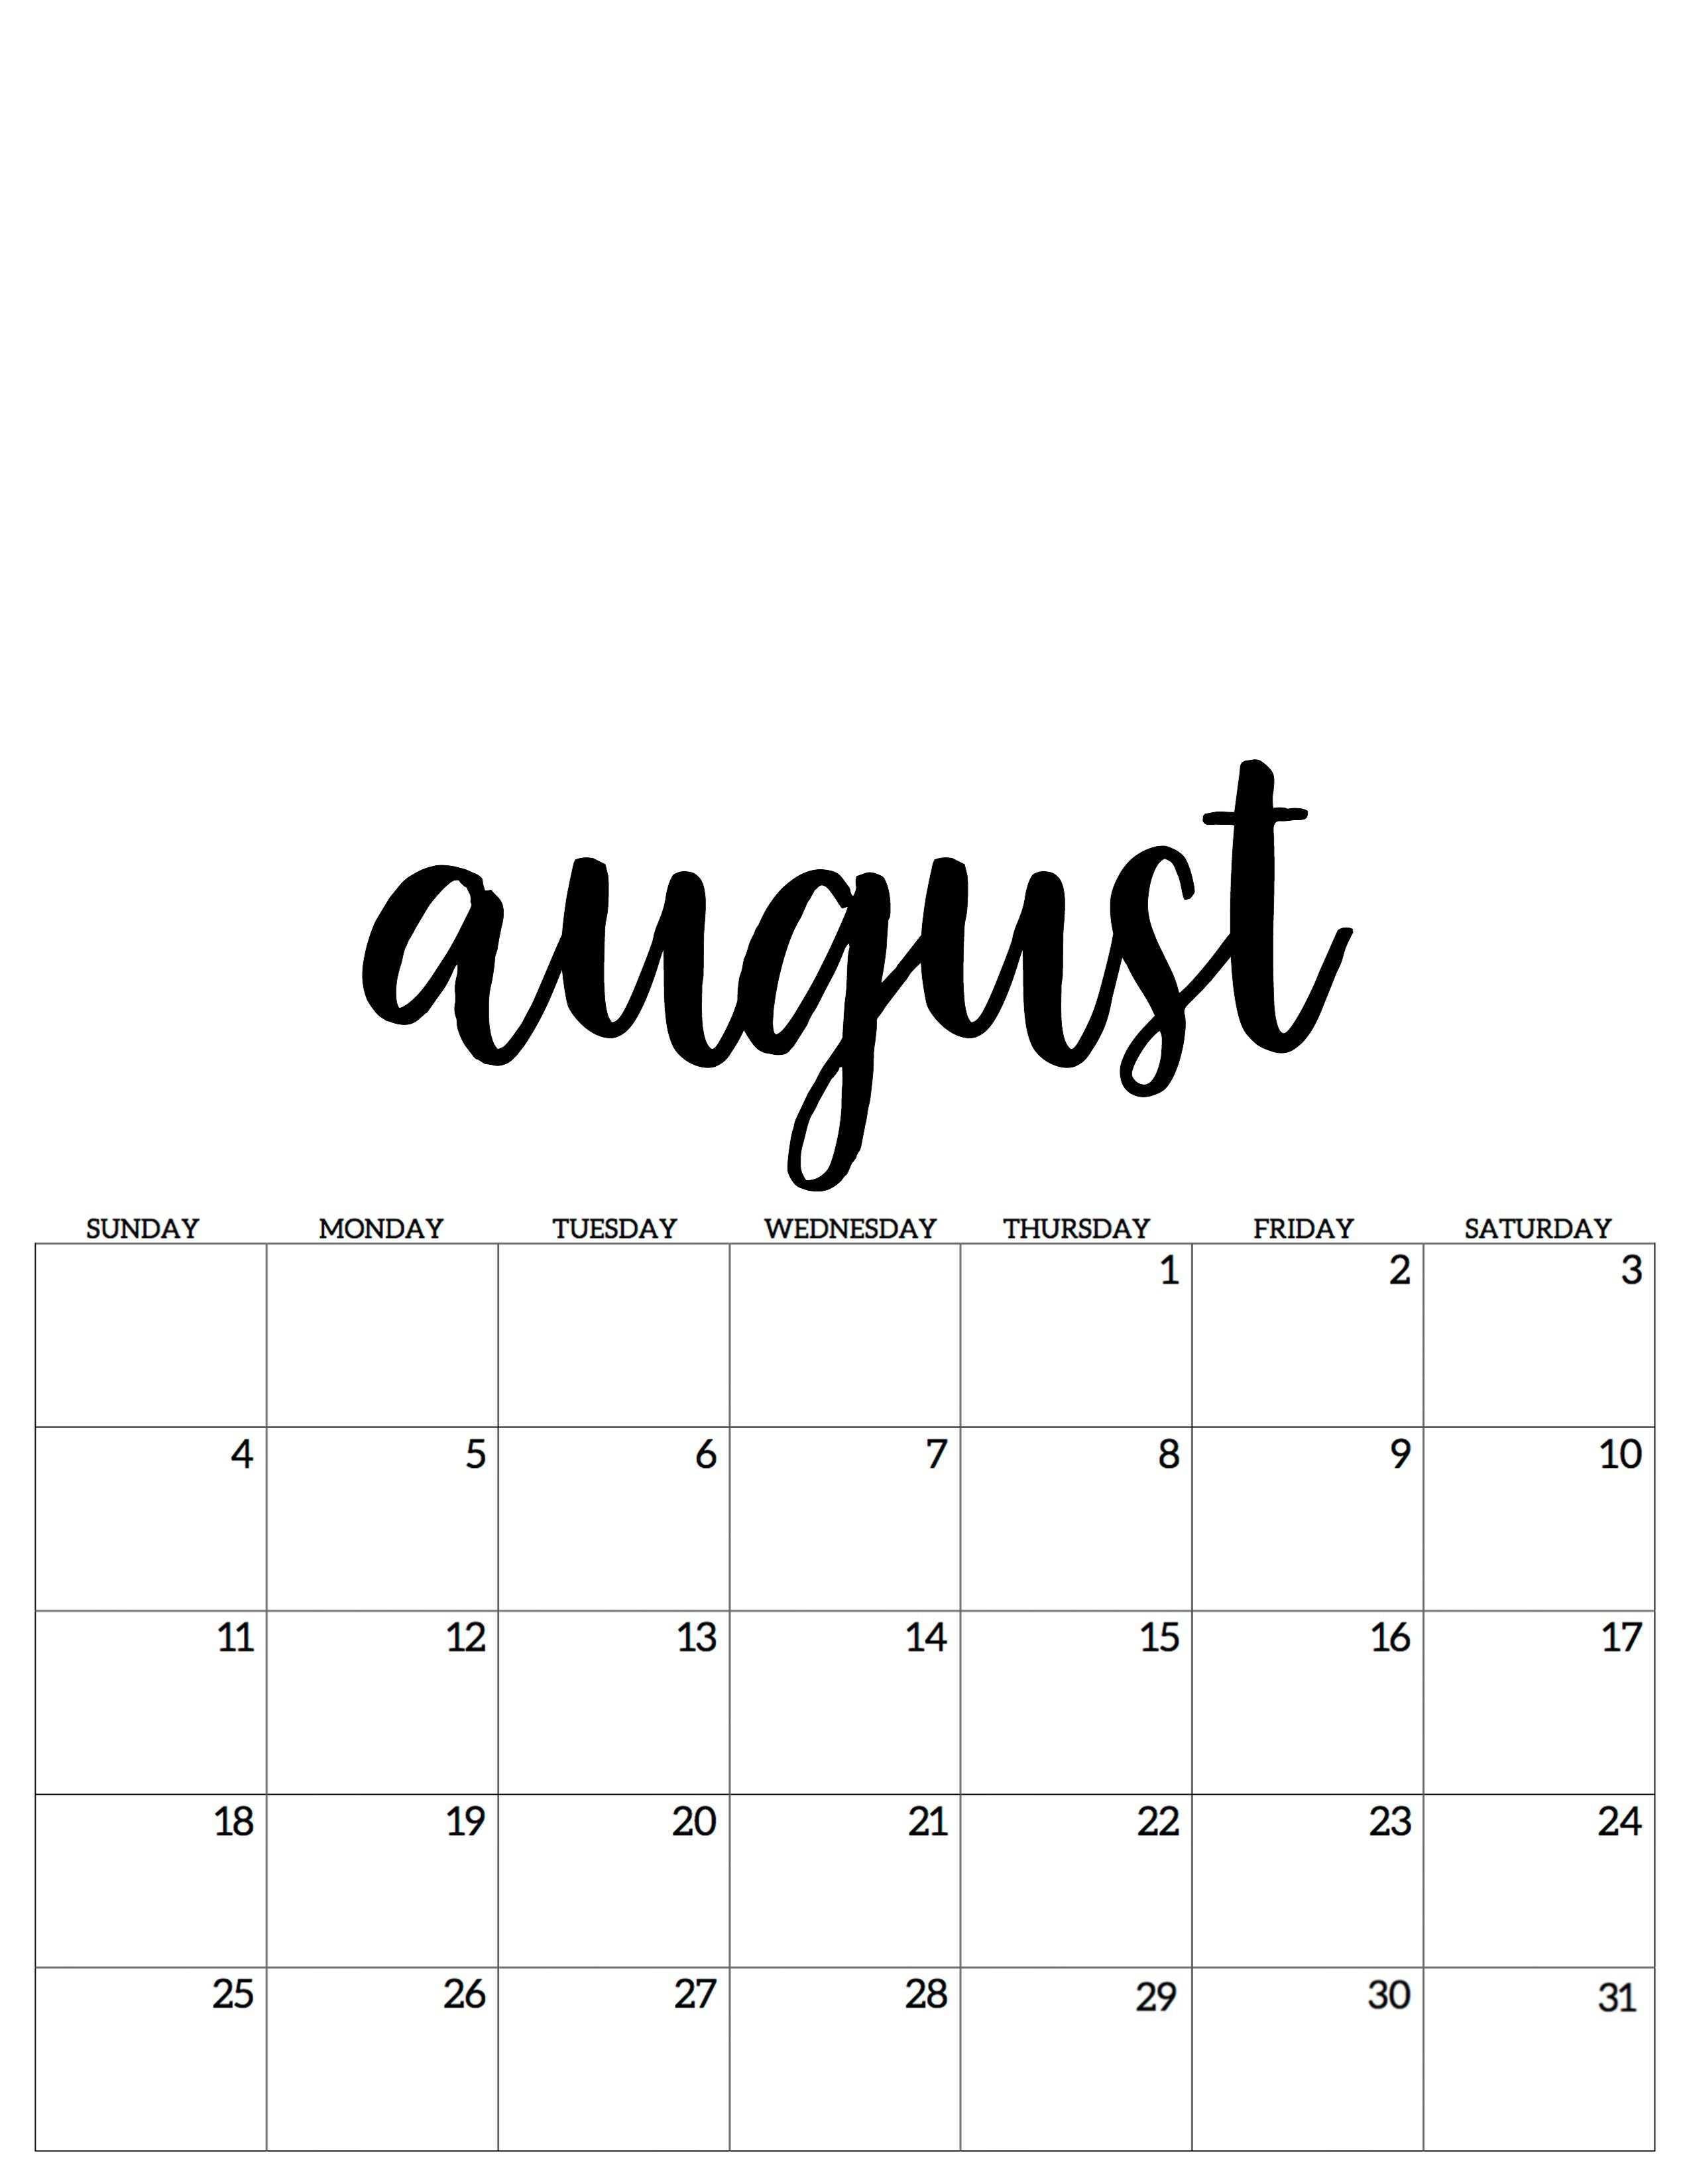 August Kalender Calendar 2019 August Kalender Kalender August Kalender Zum Ausdrucken